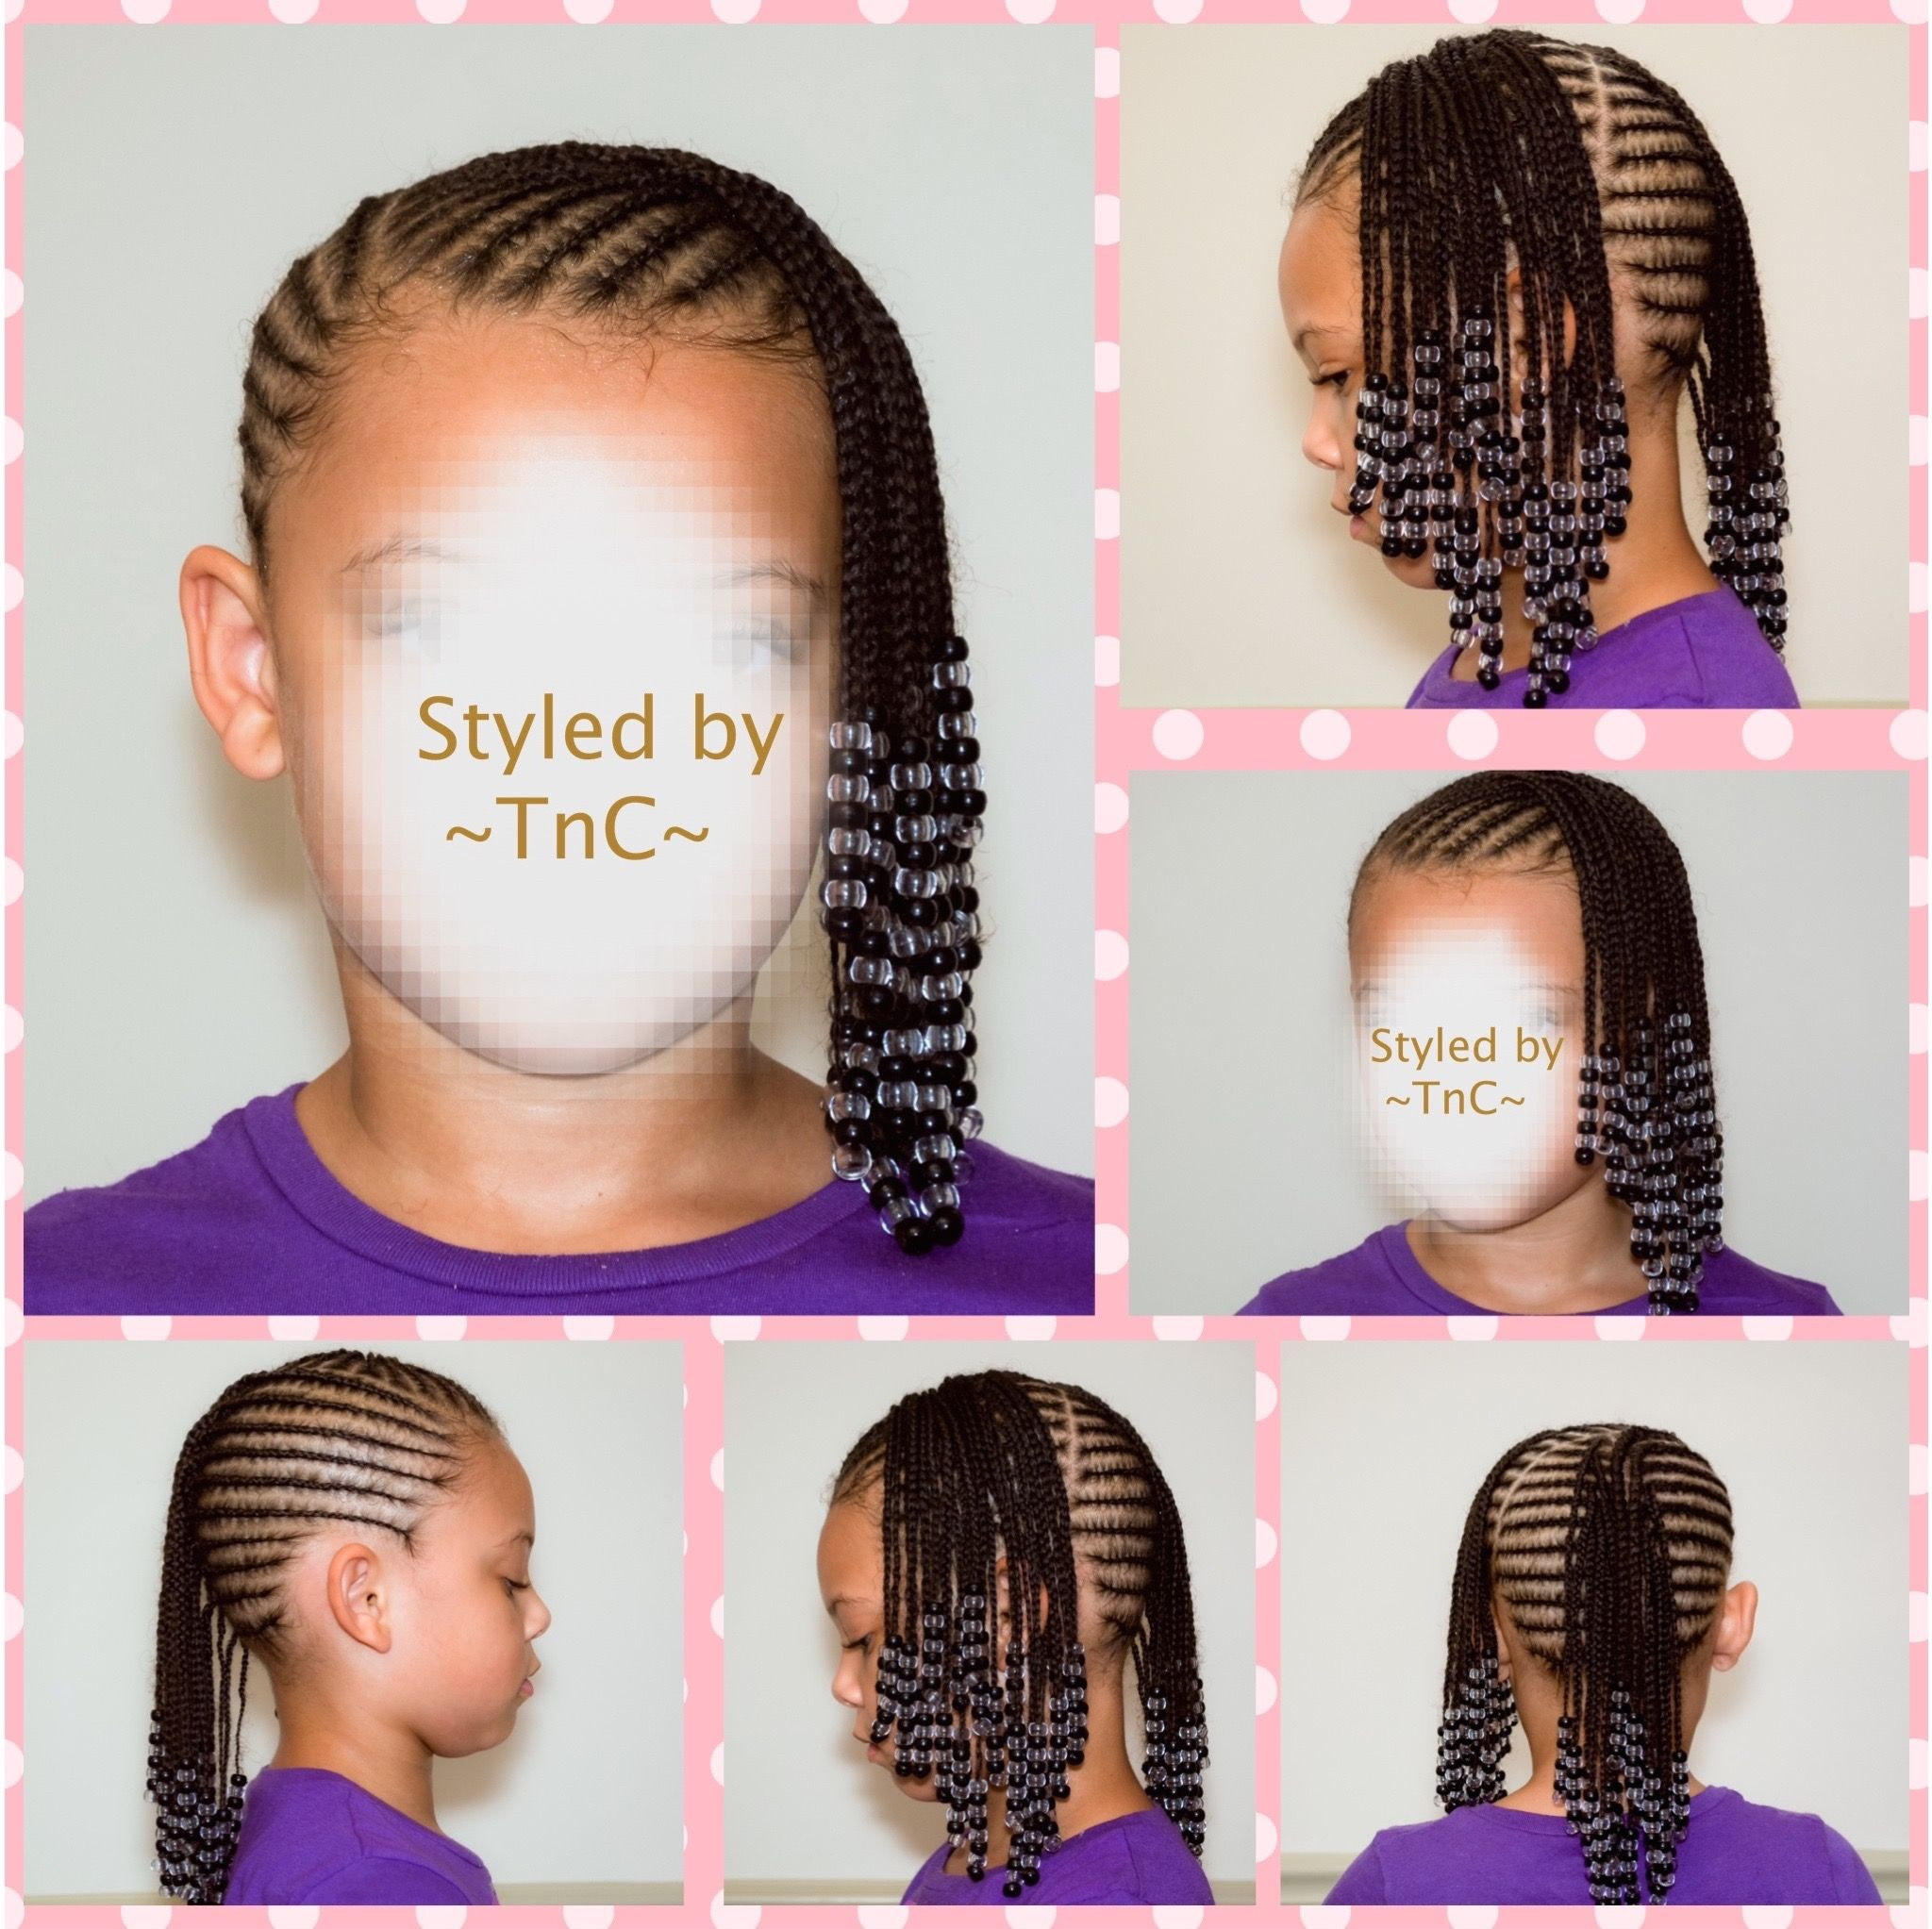 cute braid hairstyle for kids ~tnc~ #kidsbraids